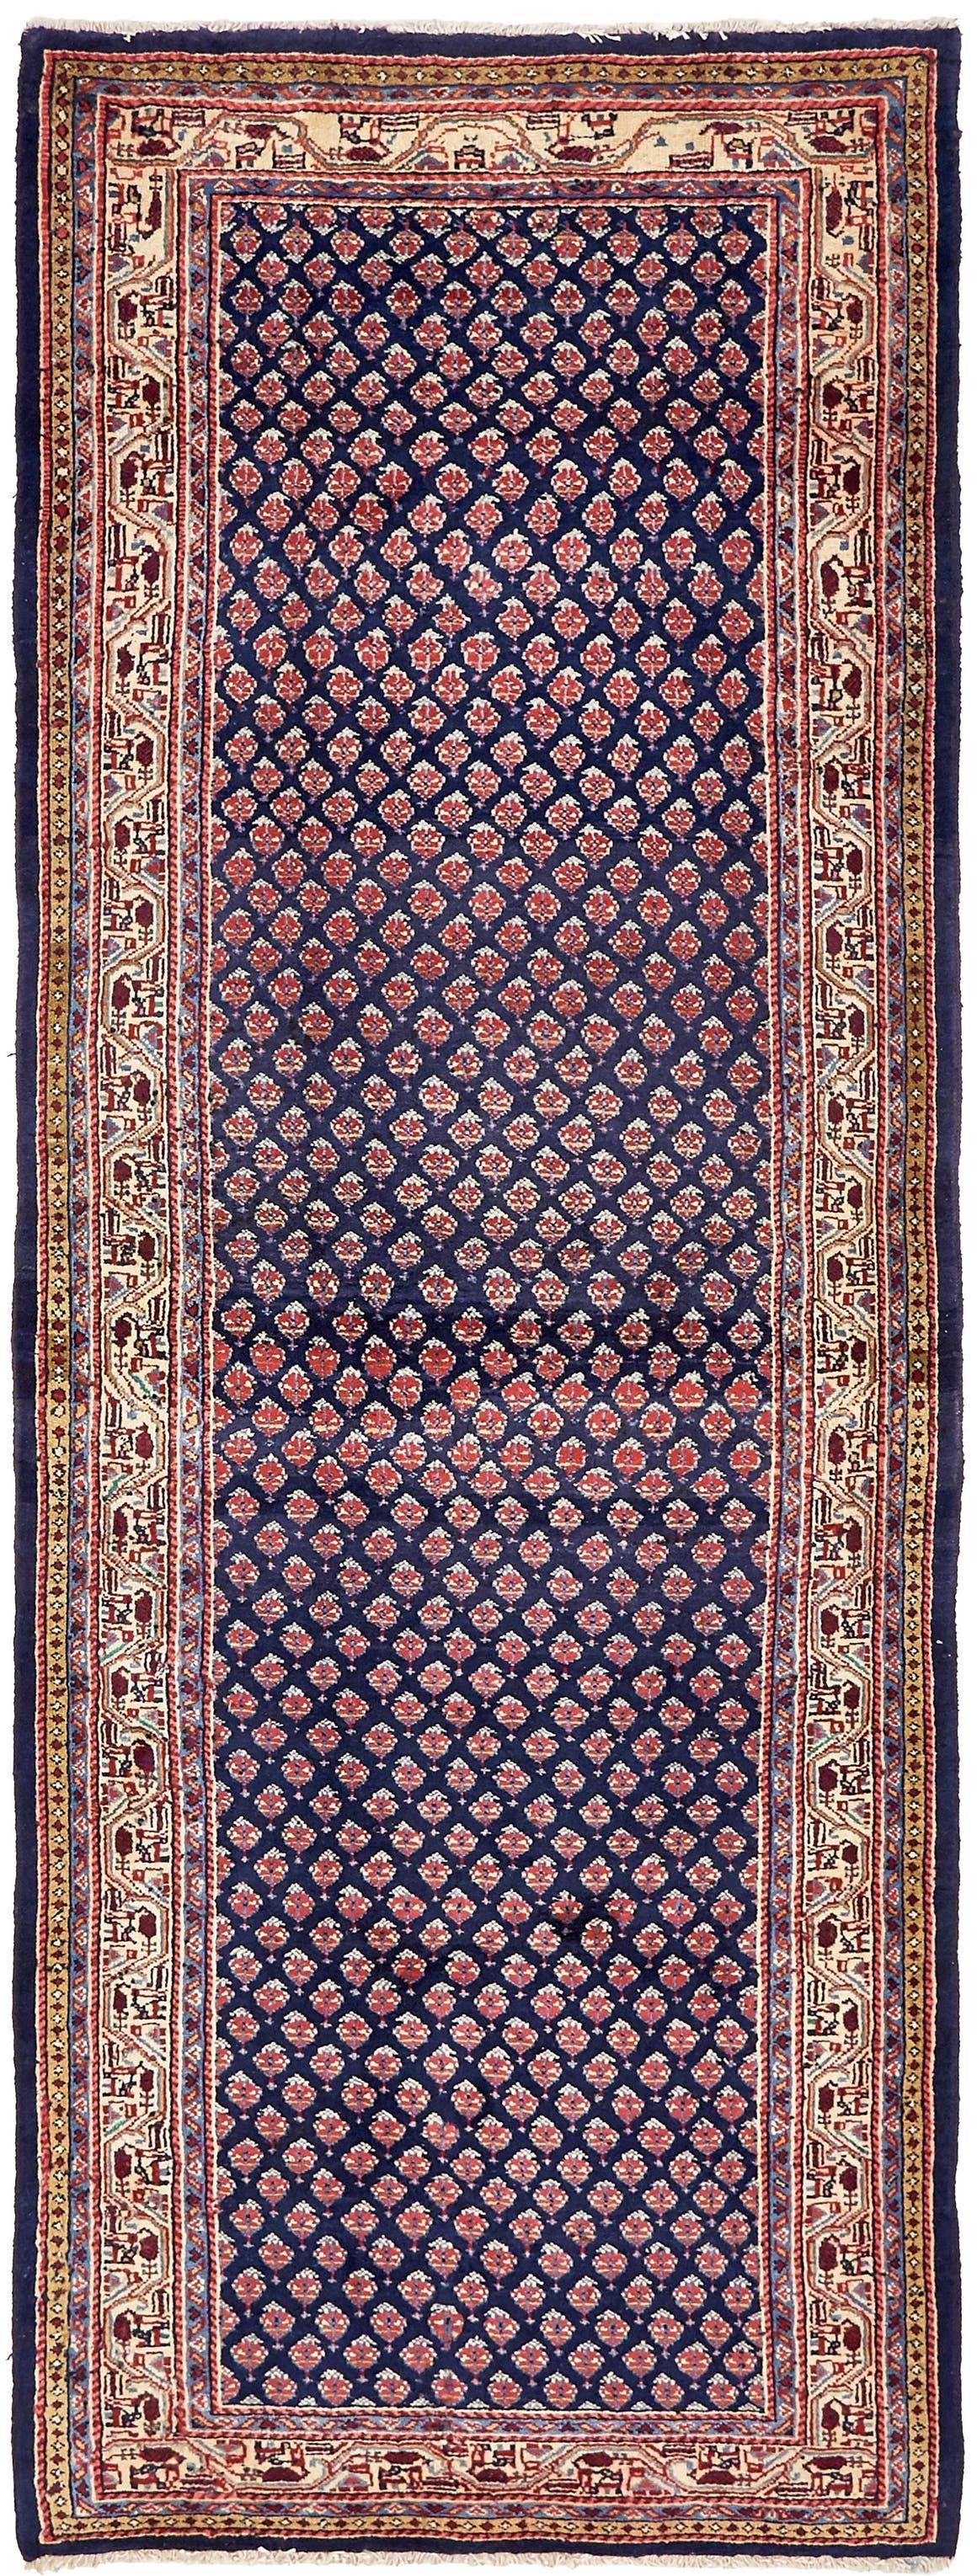 4' x 11' Farahan Persian Runner Rug main image